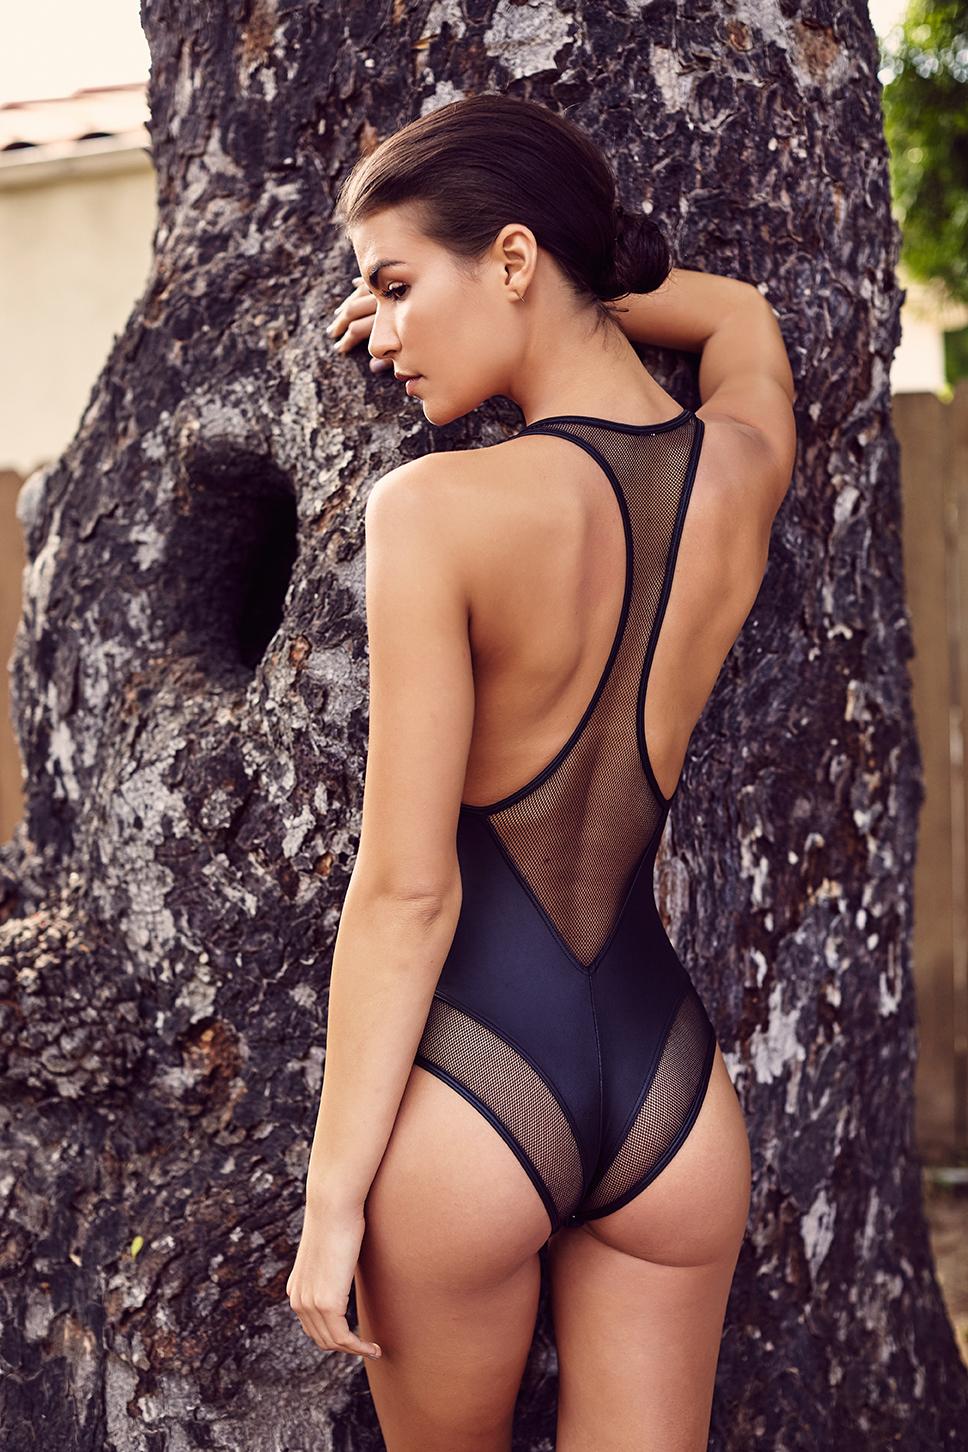 Images Brittani Bader naked (72 photo), Pussy, Bikini, Twitter, swimsuit 2020